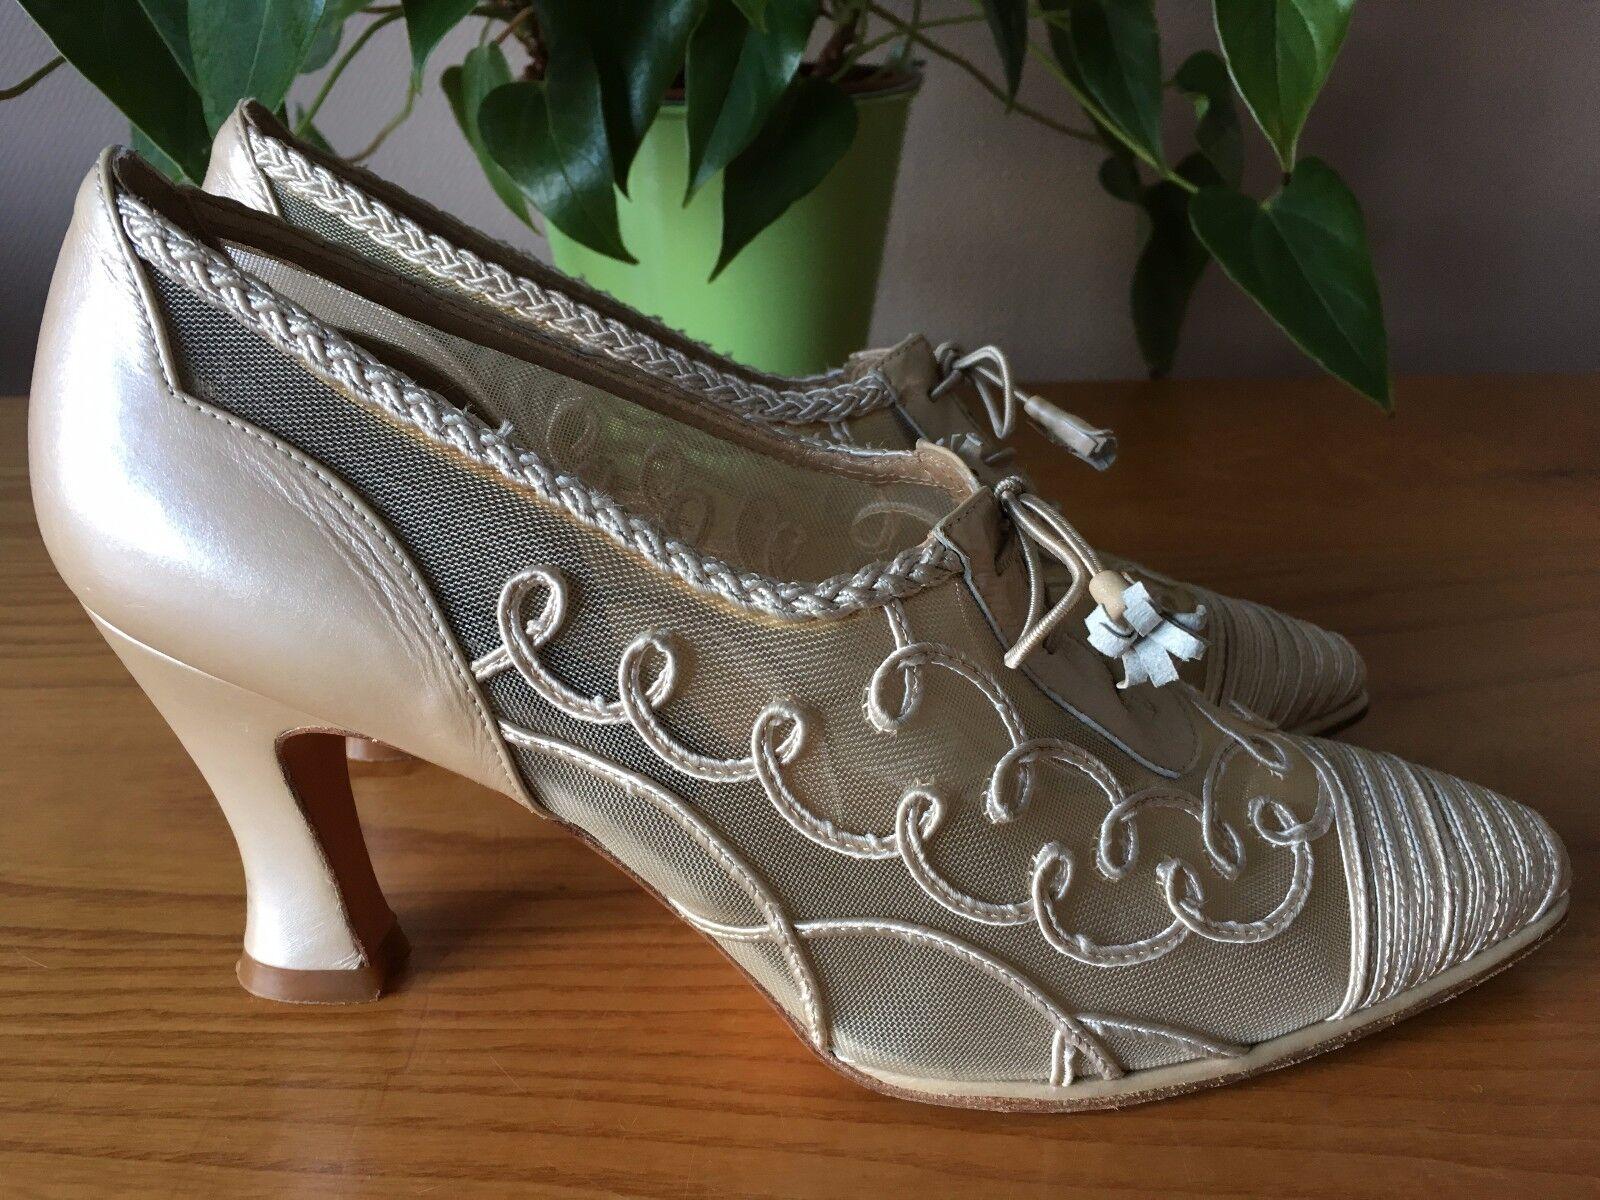 Stuart Weitzman Victorian ivory embroidered lace up court shoe UK 6 EU 39 Bridal